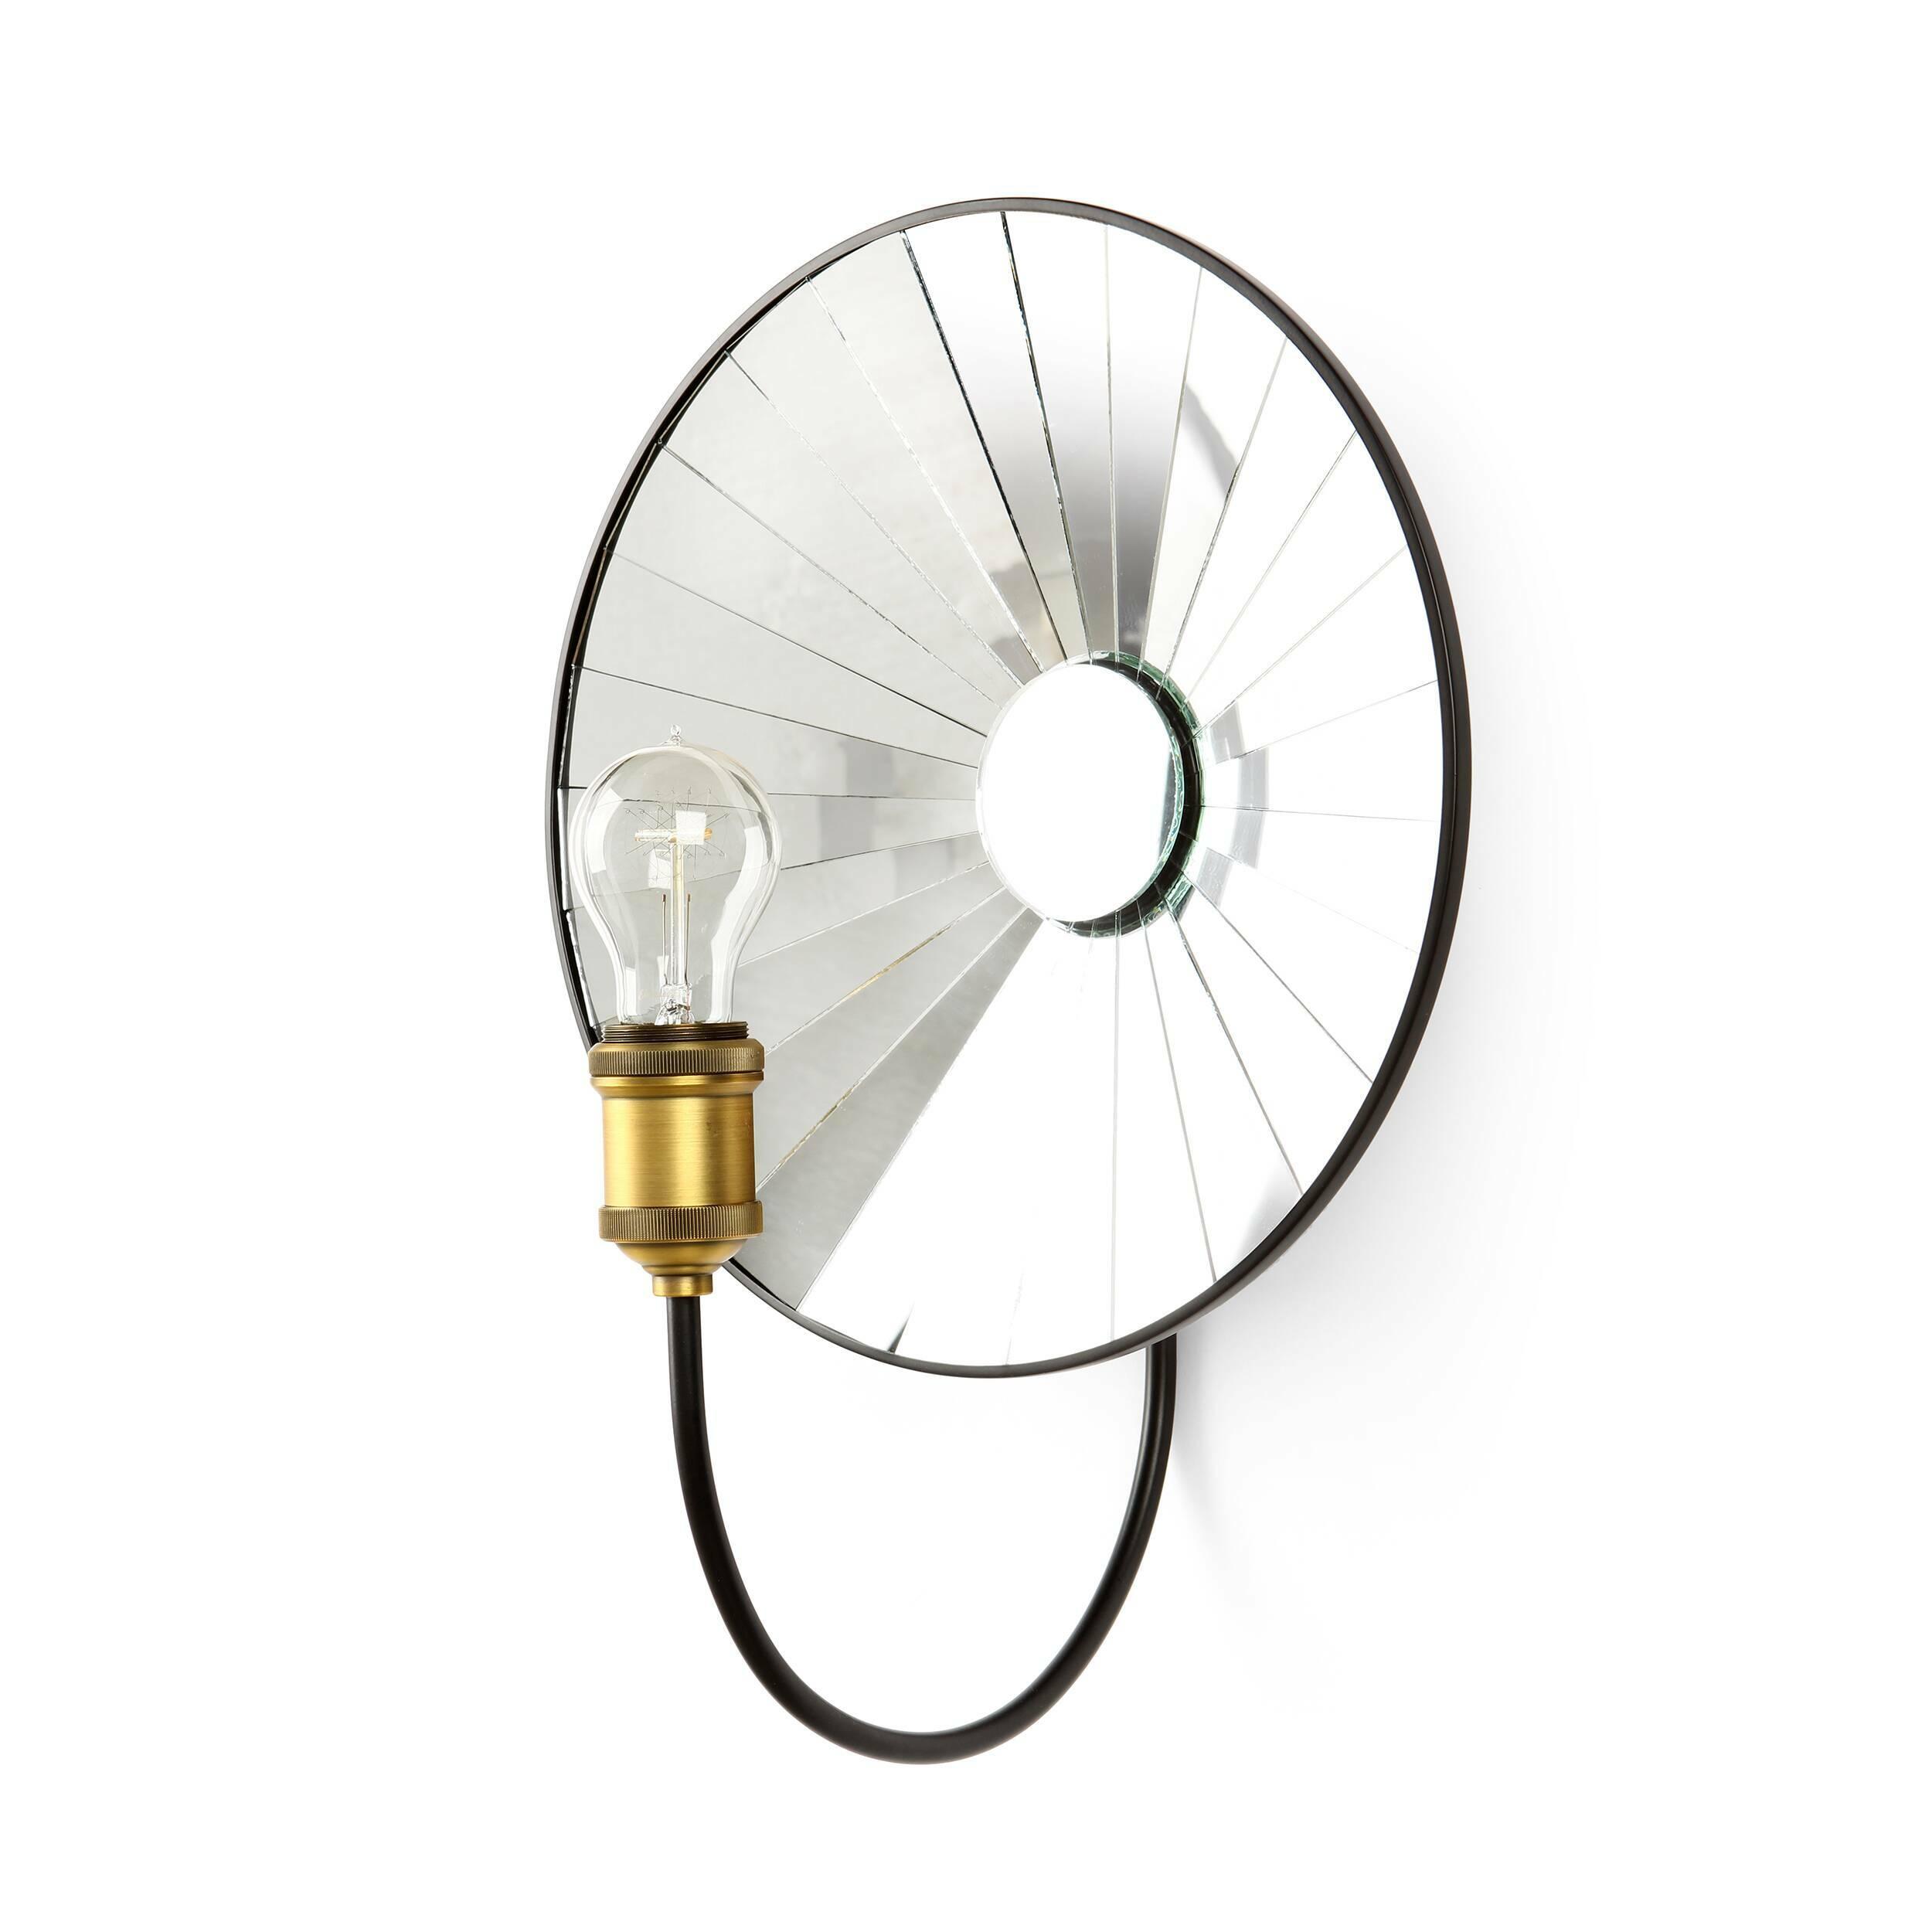 Настенный светильник TroyНастенные<br>Настенный светильник Troy — это гениальное творение ведущих дизайнеров компании Cosmo, которые сделали его не только необычайно привлекательным, но и максимально эффективным в плане комнатного освещения. Светильник крепится на уровне круглого зеркала, которое имеет несколько секций. Благодаря такой конструкции свет будет наиболее ярким и осветит большее пространство любого помещения.<br><br><br> Арматура светильника изготовлена из металла черного цвета. Светильник имеет цоколь для одной лампочк...<br><br>stock: 7<br>Диаметр: 35<br>Длина: 25<br>Количество ламп: 1<br>Материал абажура: Металл<br>Материал арматуры: Зеркало<br>Мощность лампы: 60<br>Ламп в комплекте: Нет<br>Тип лампы/цоколь: E27<br>Цвет абажура: Черный матовый